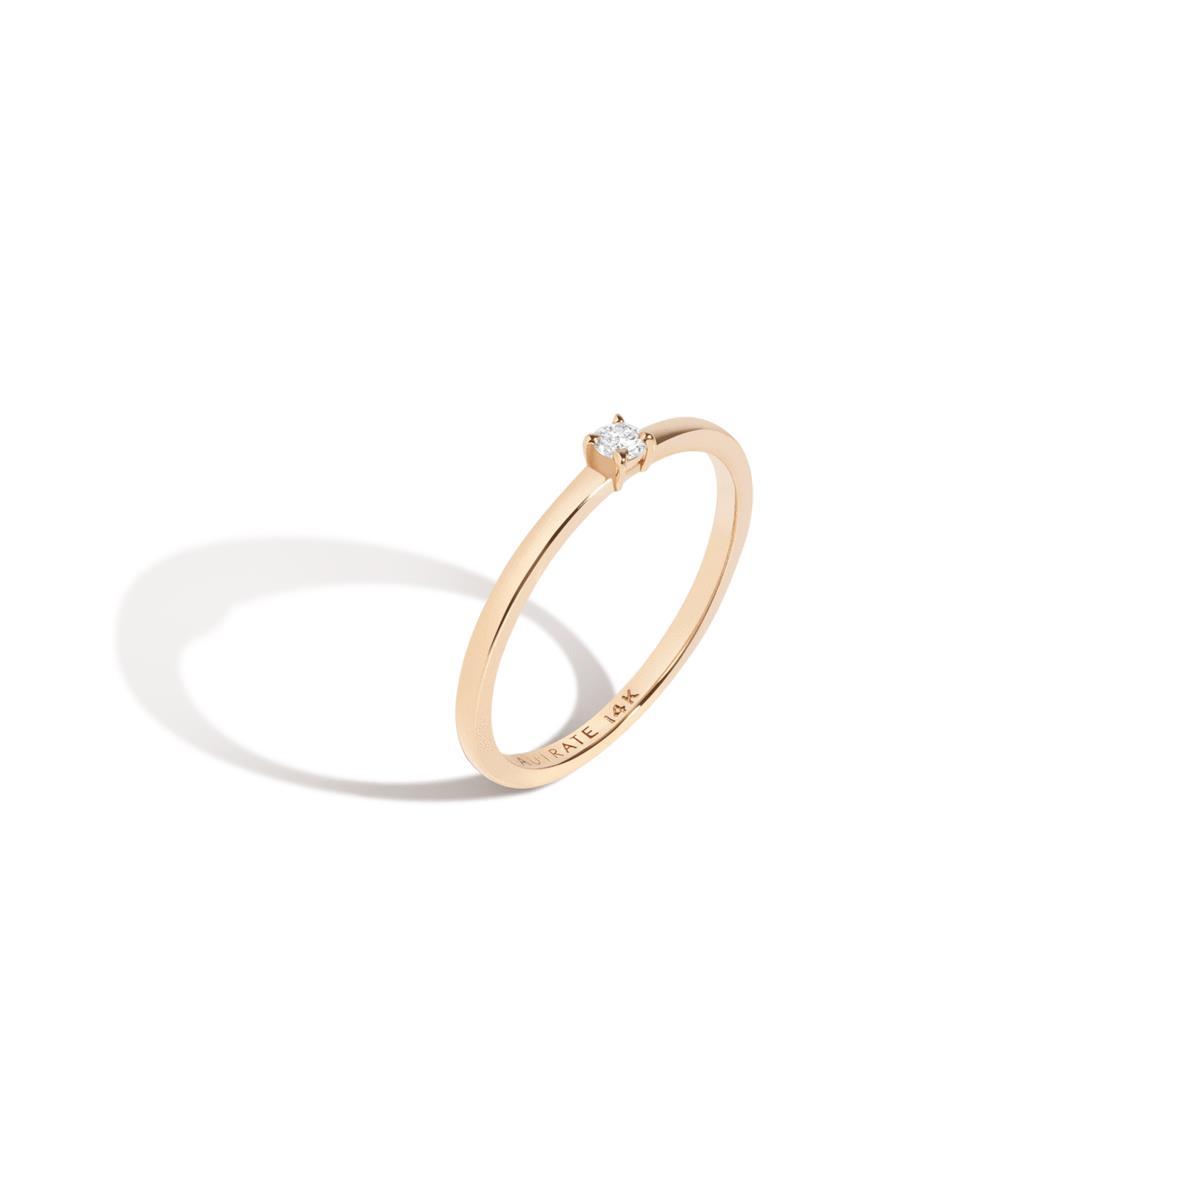 Medium Diamond Solitaire Ring